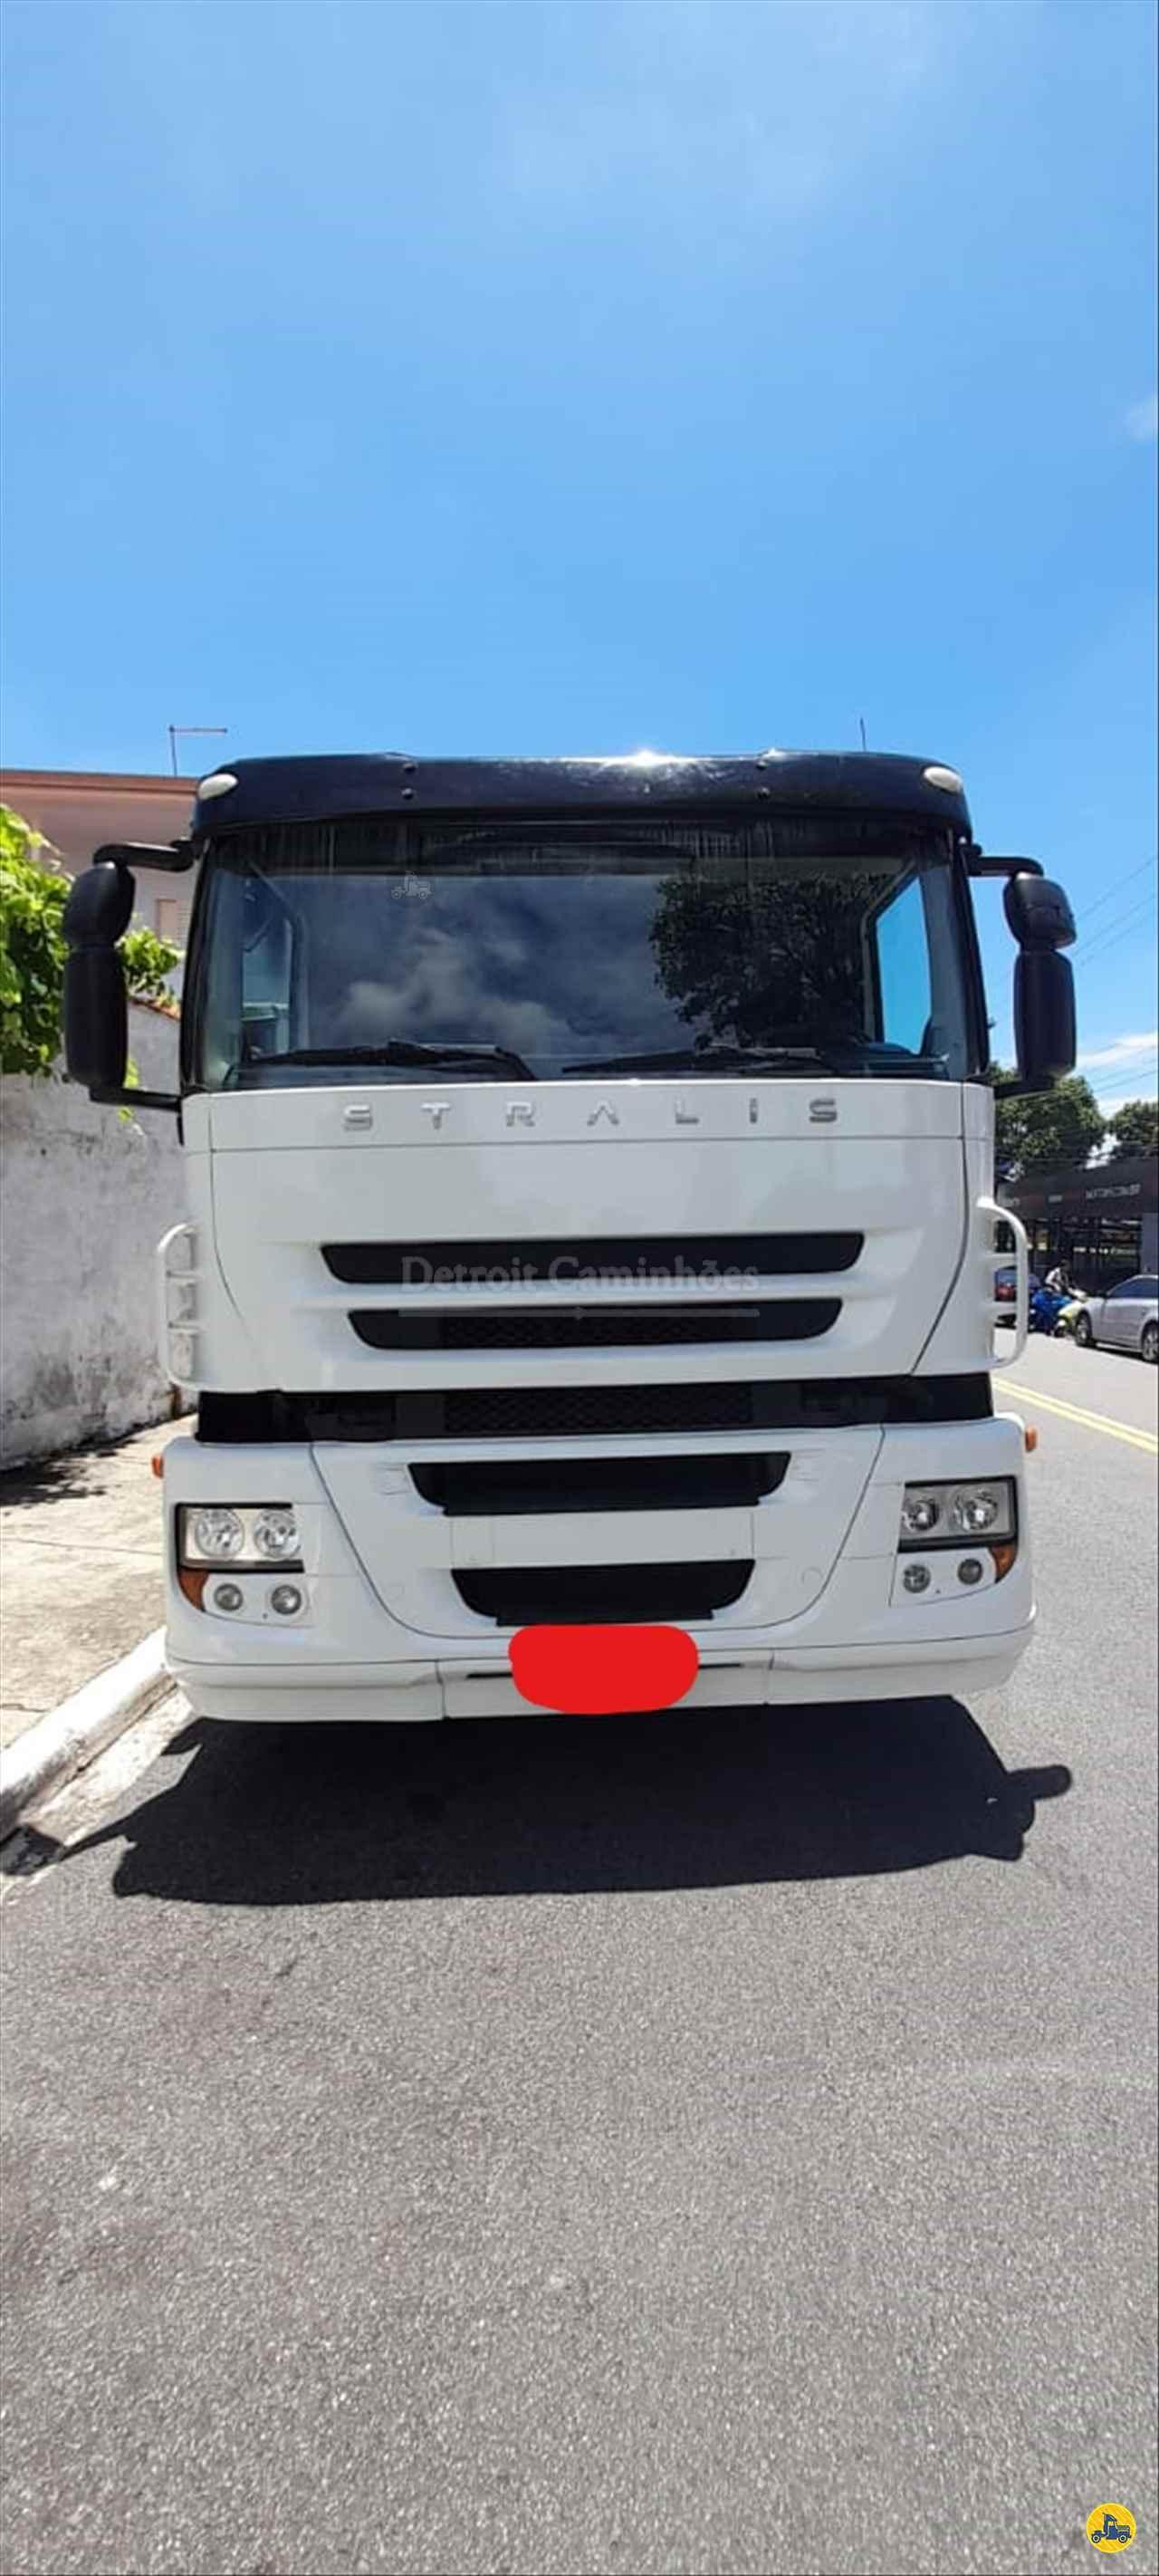 CAMINHAO IVECO STRALIS 380 Cavalo Mecânico Truck 6x2 Detroit Caminhões SAO JOSE DOS CAMPOS SÃO PAULO SP